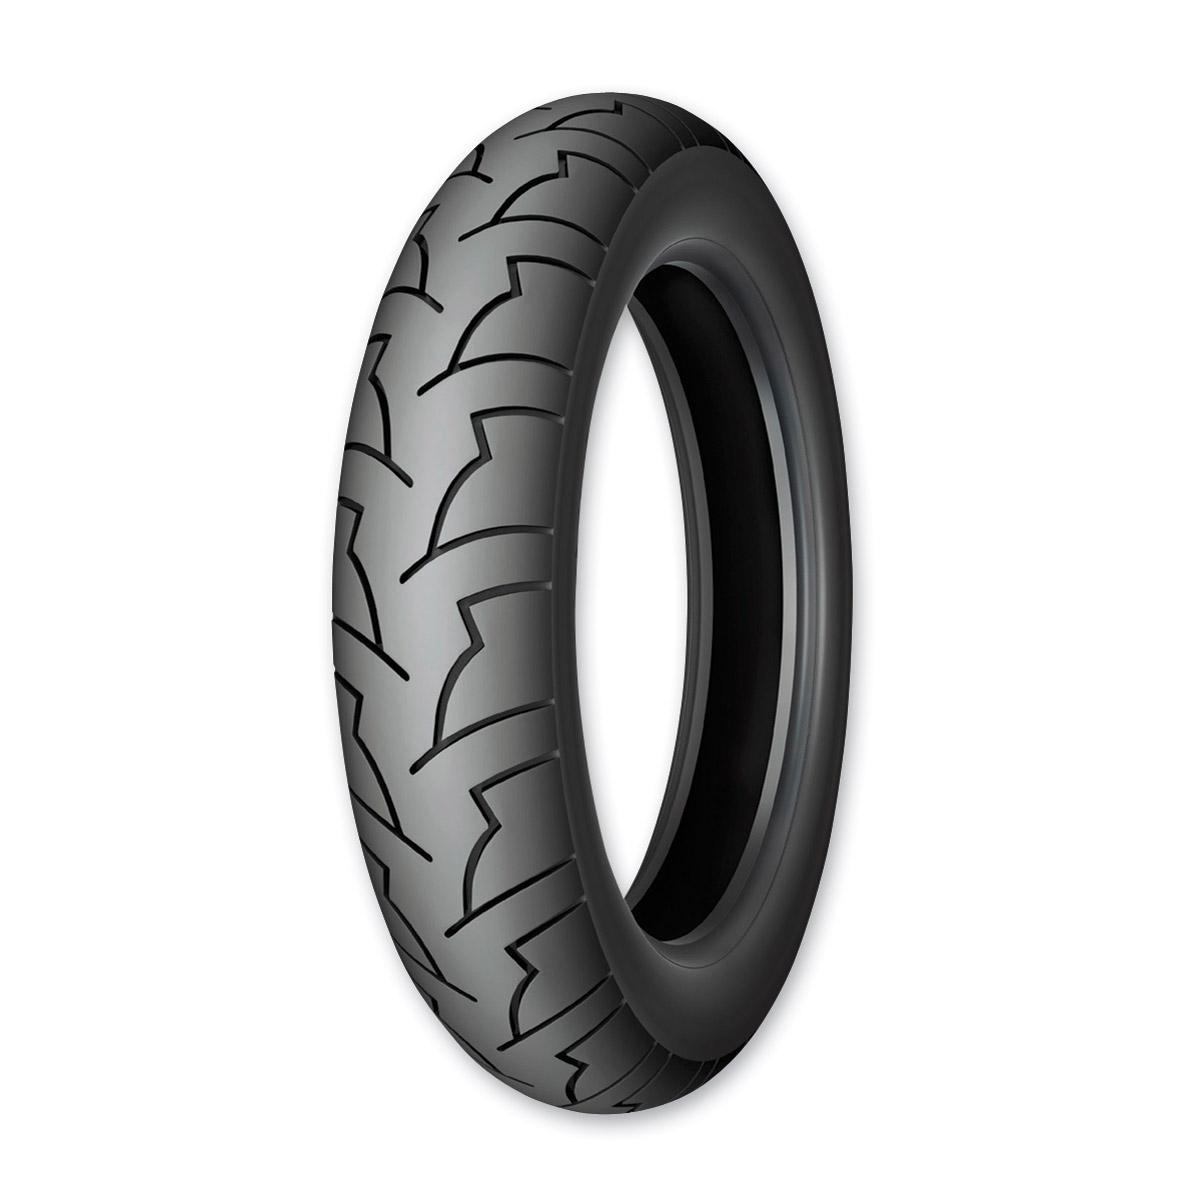 Michelin Pilot Activ 140/80V-17 Rear Tire